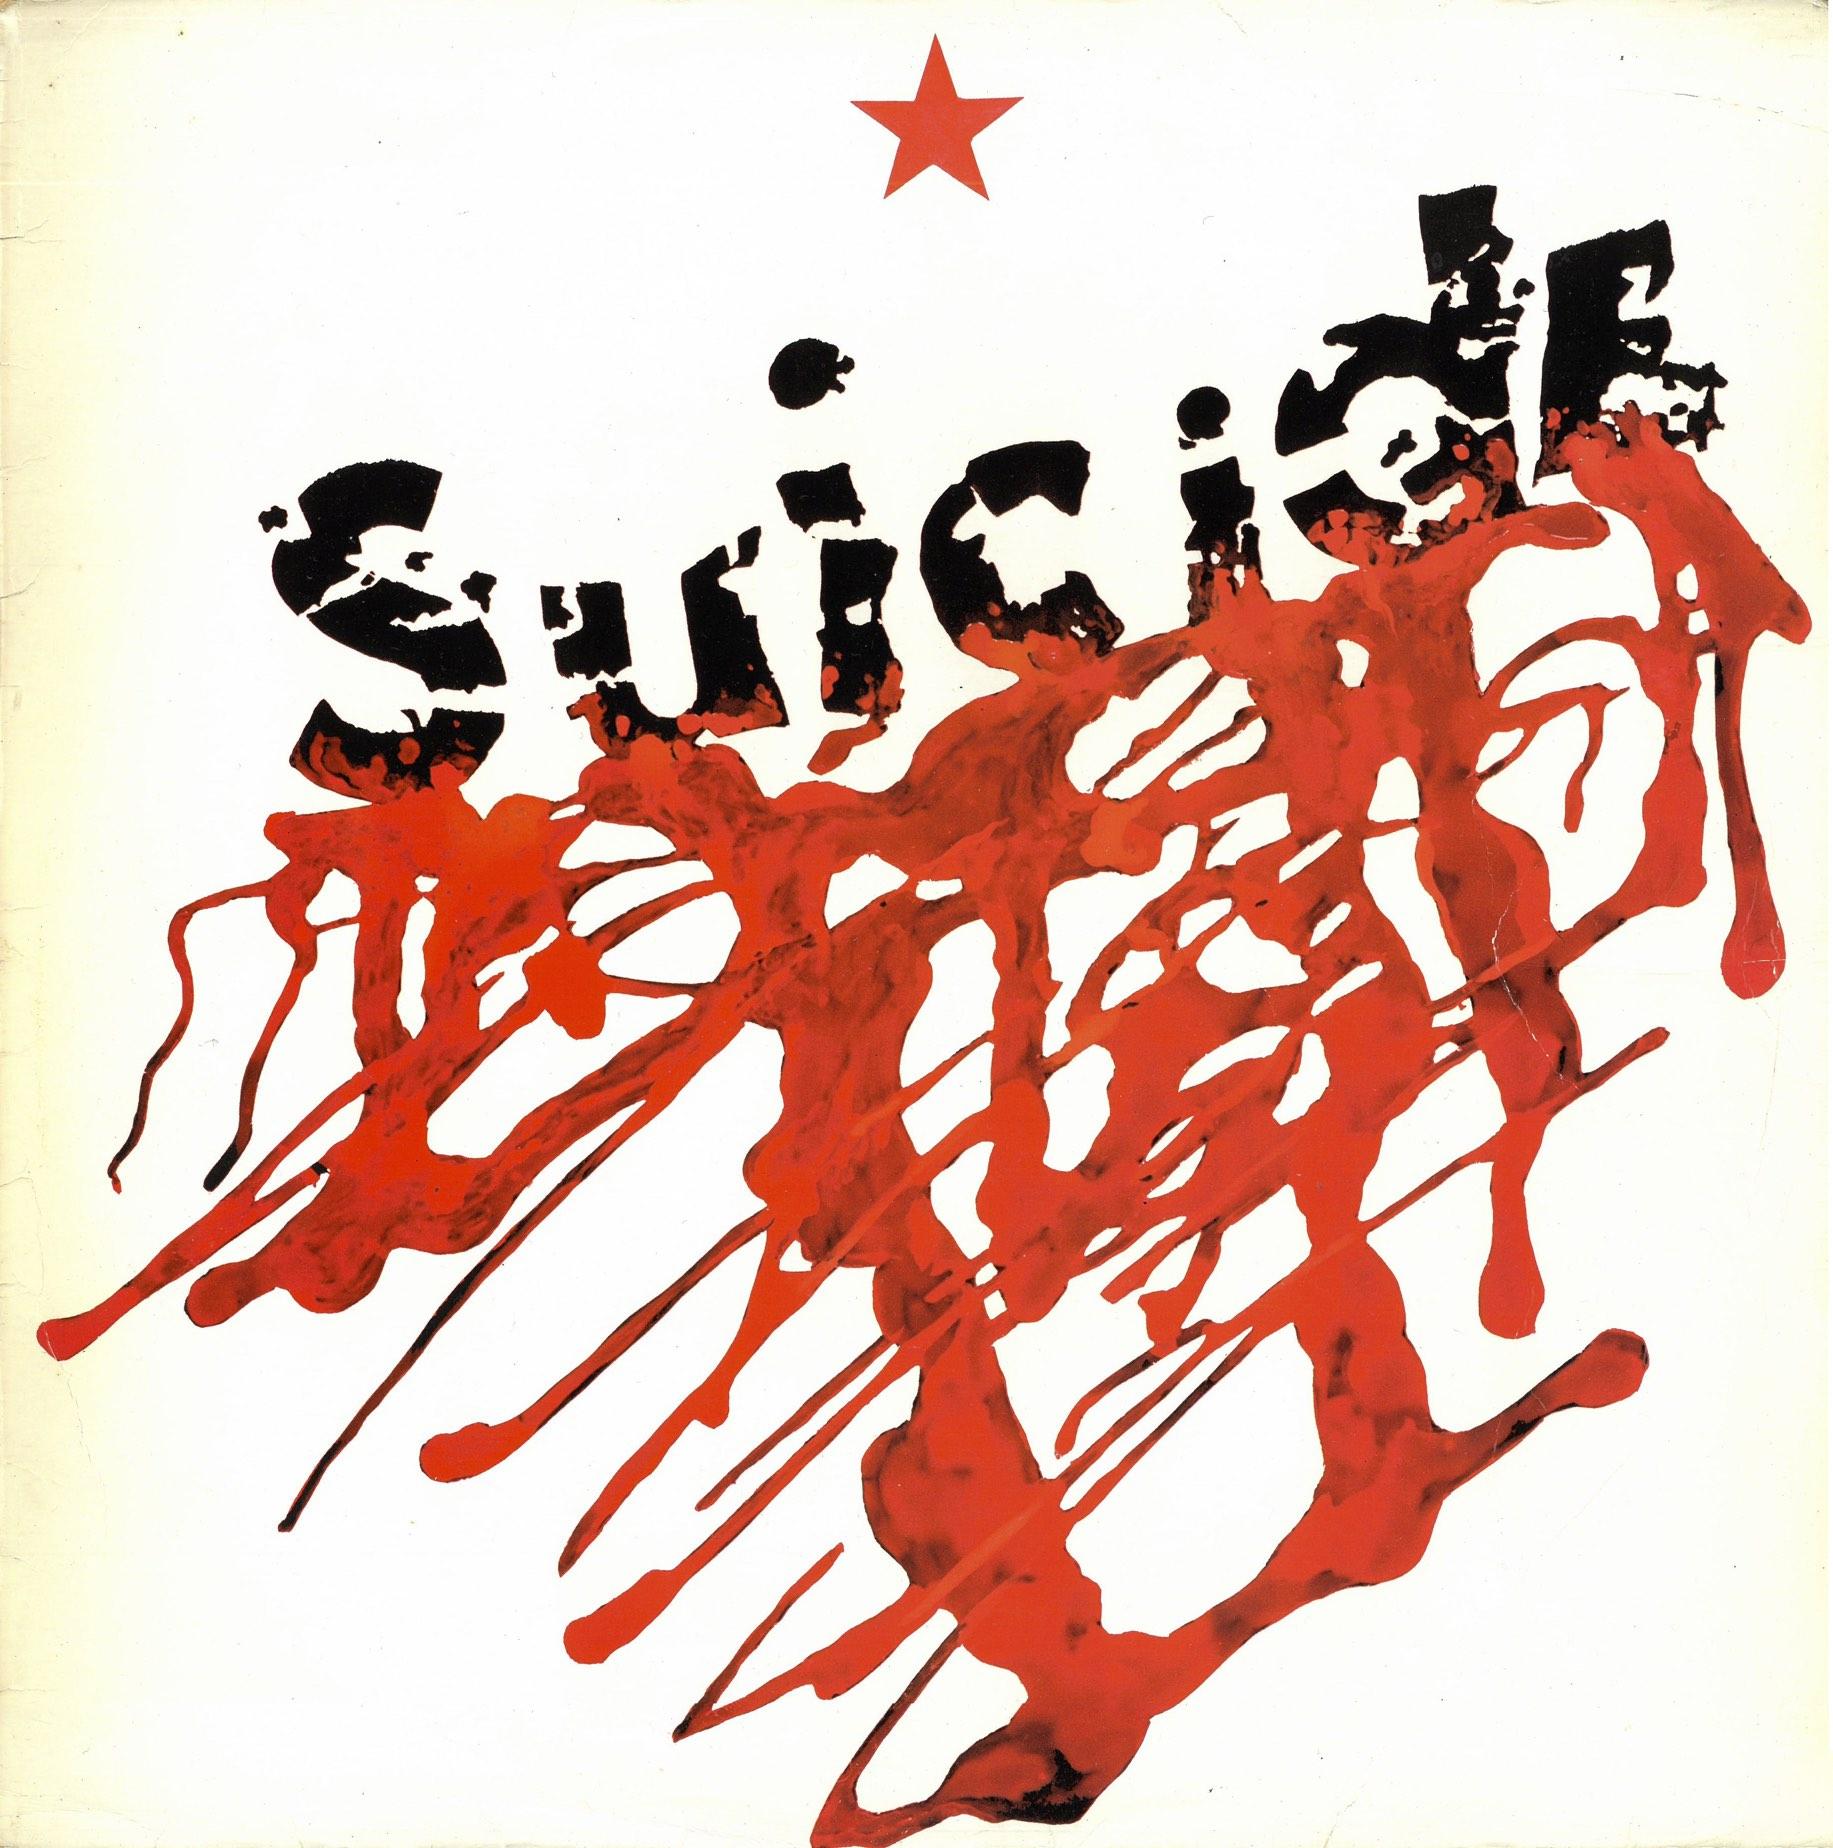 1992 - Suicide